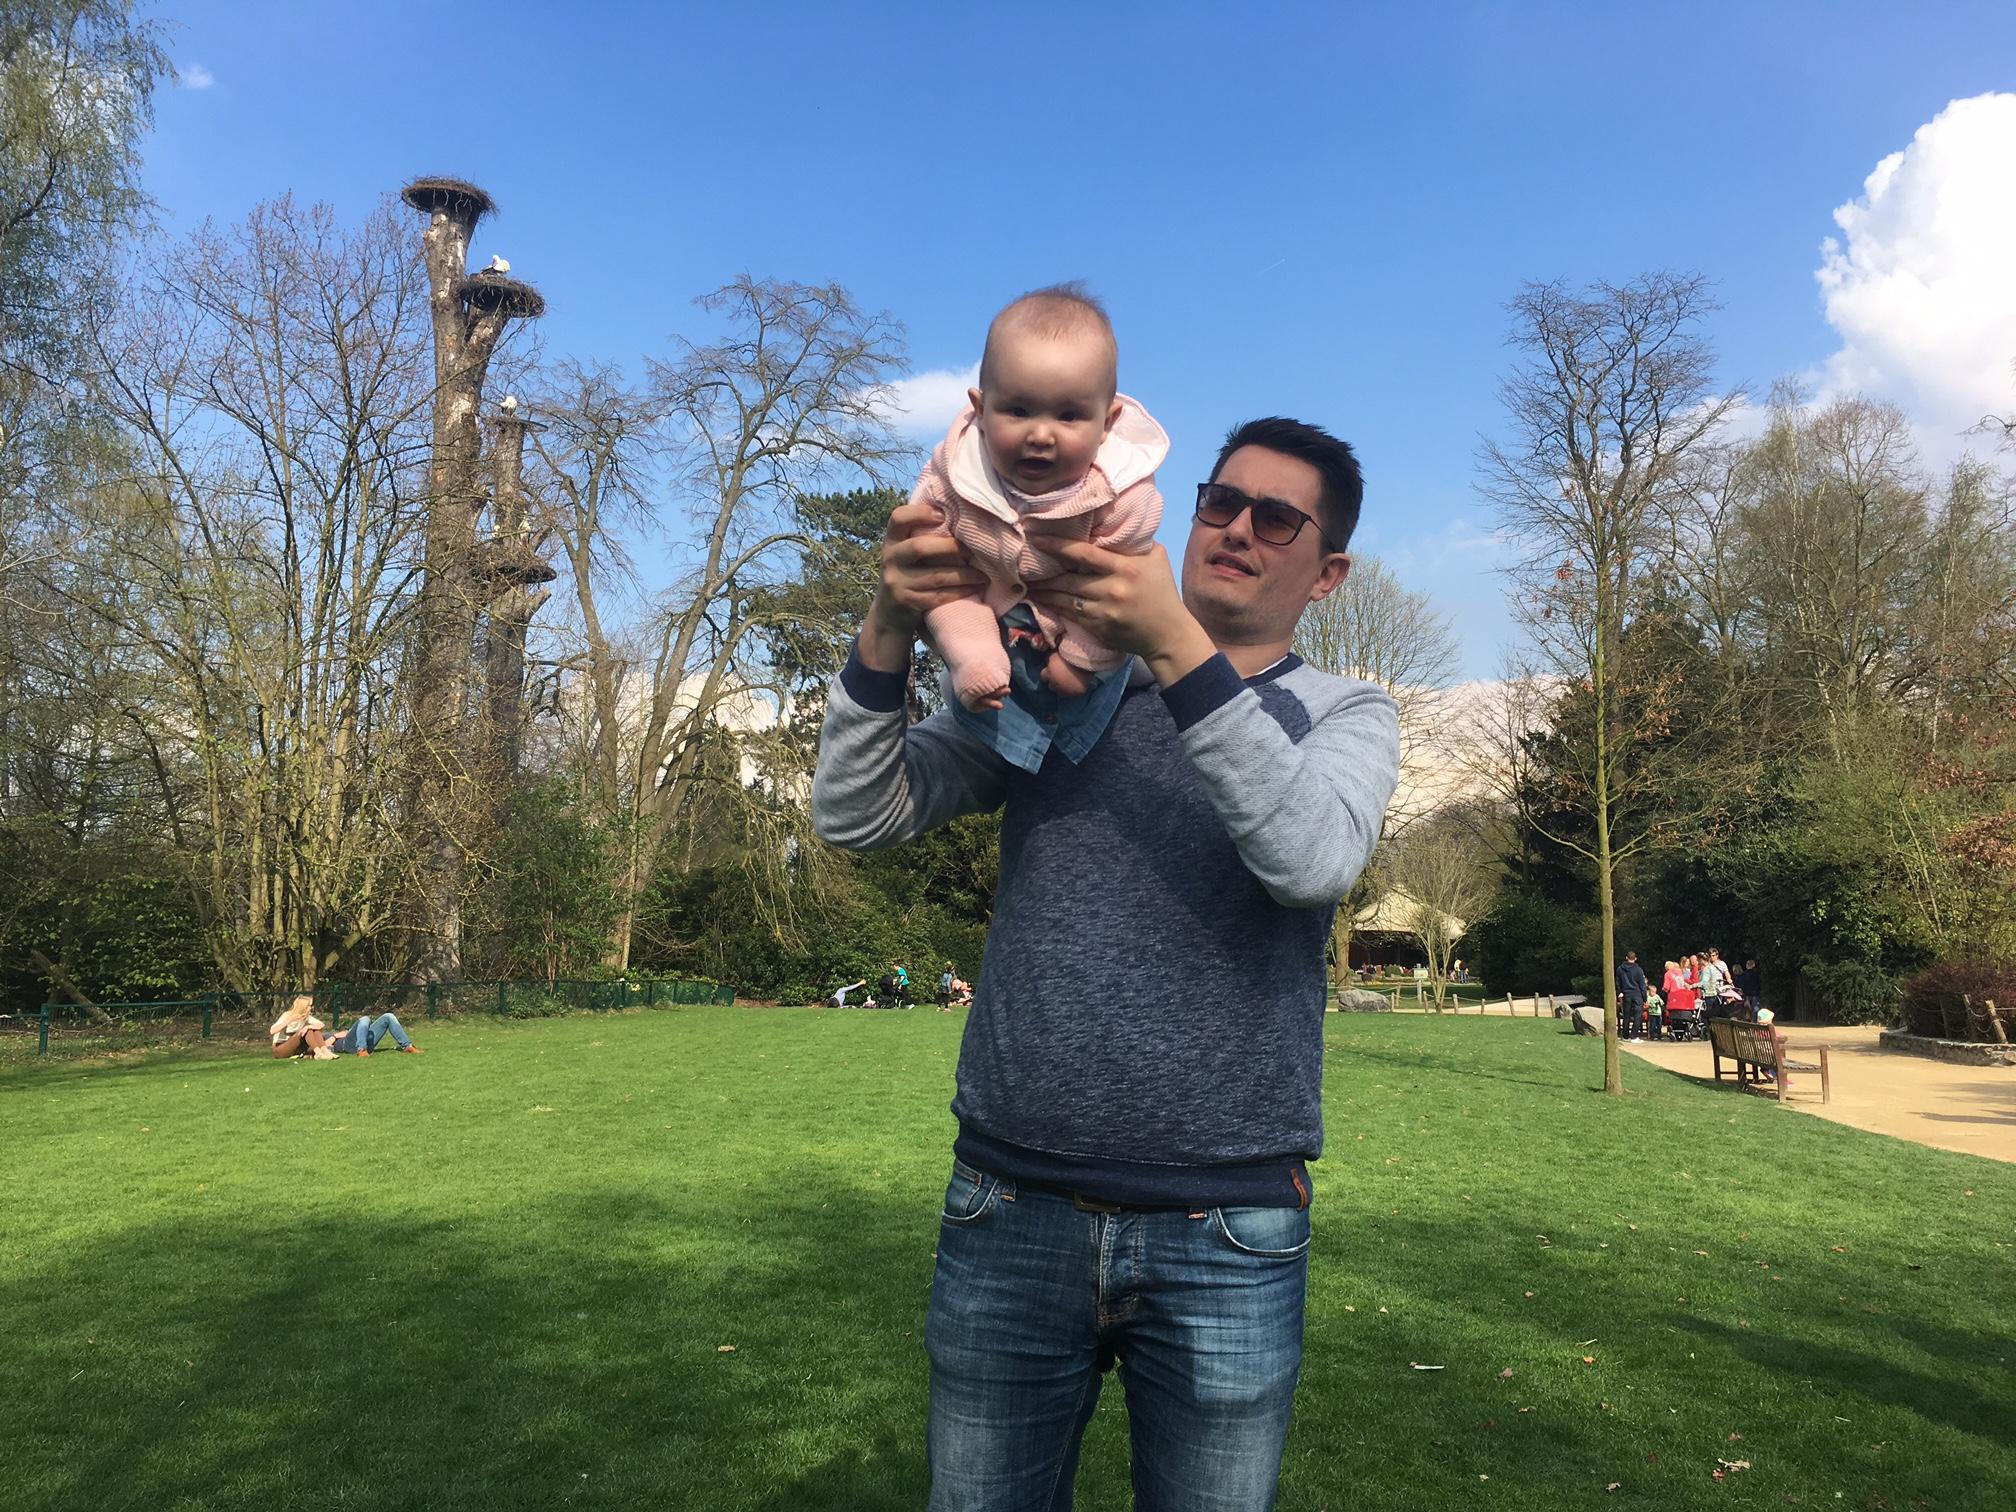 papa speelt met dochter